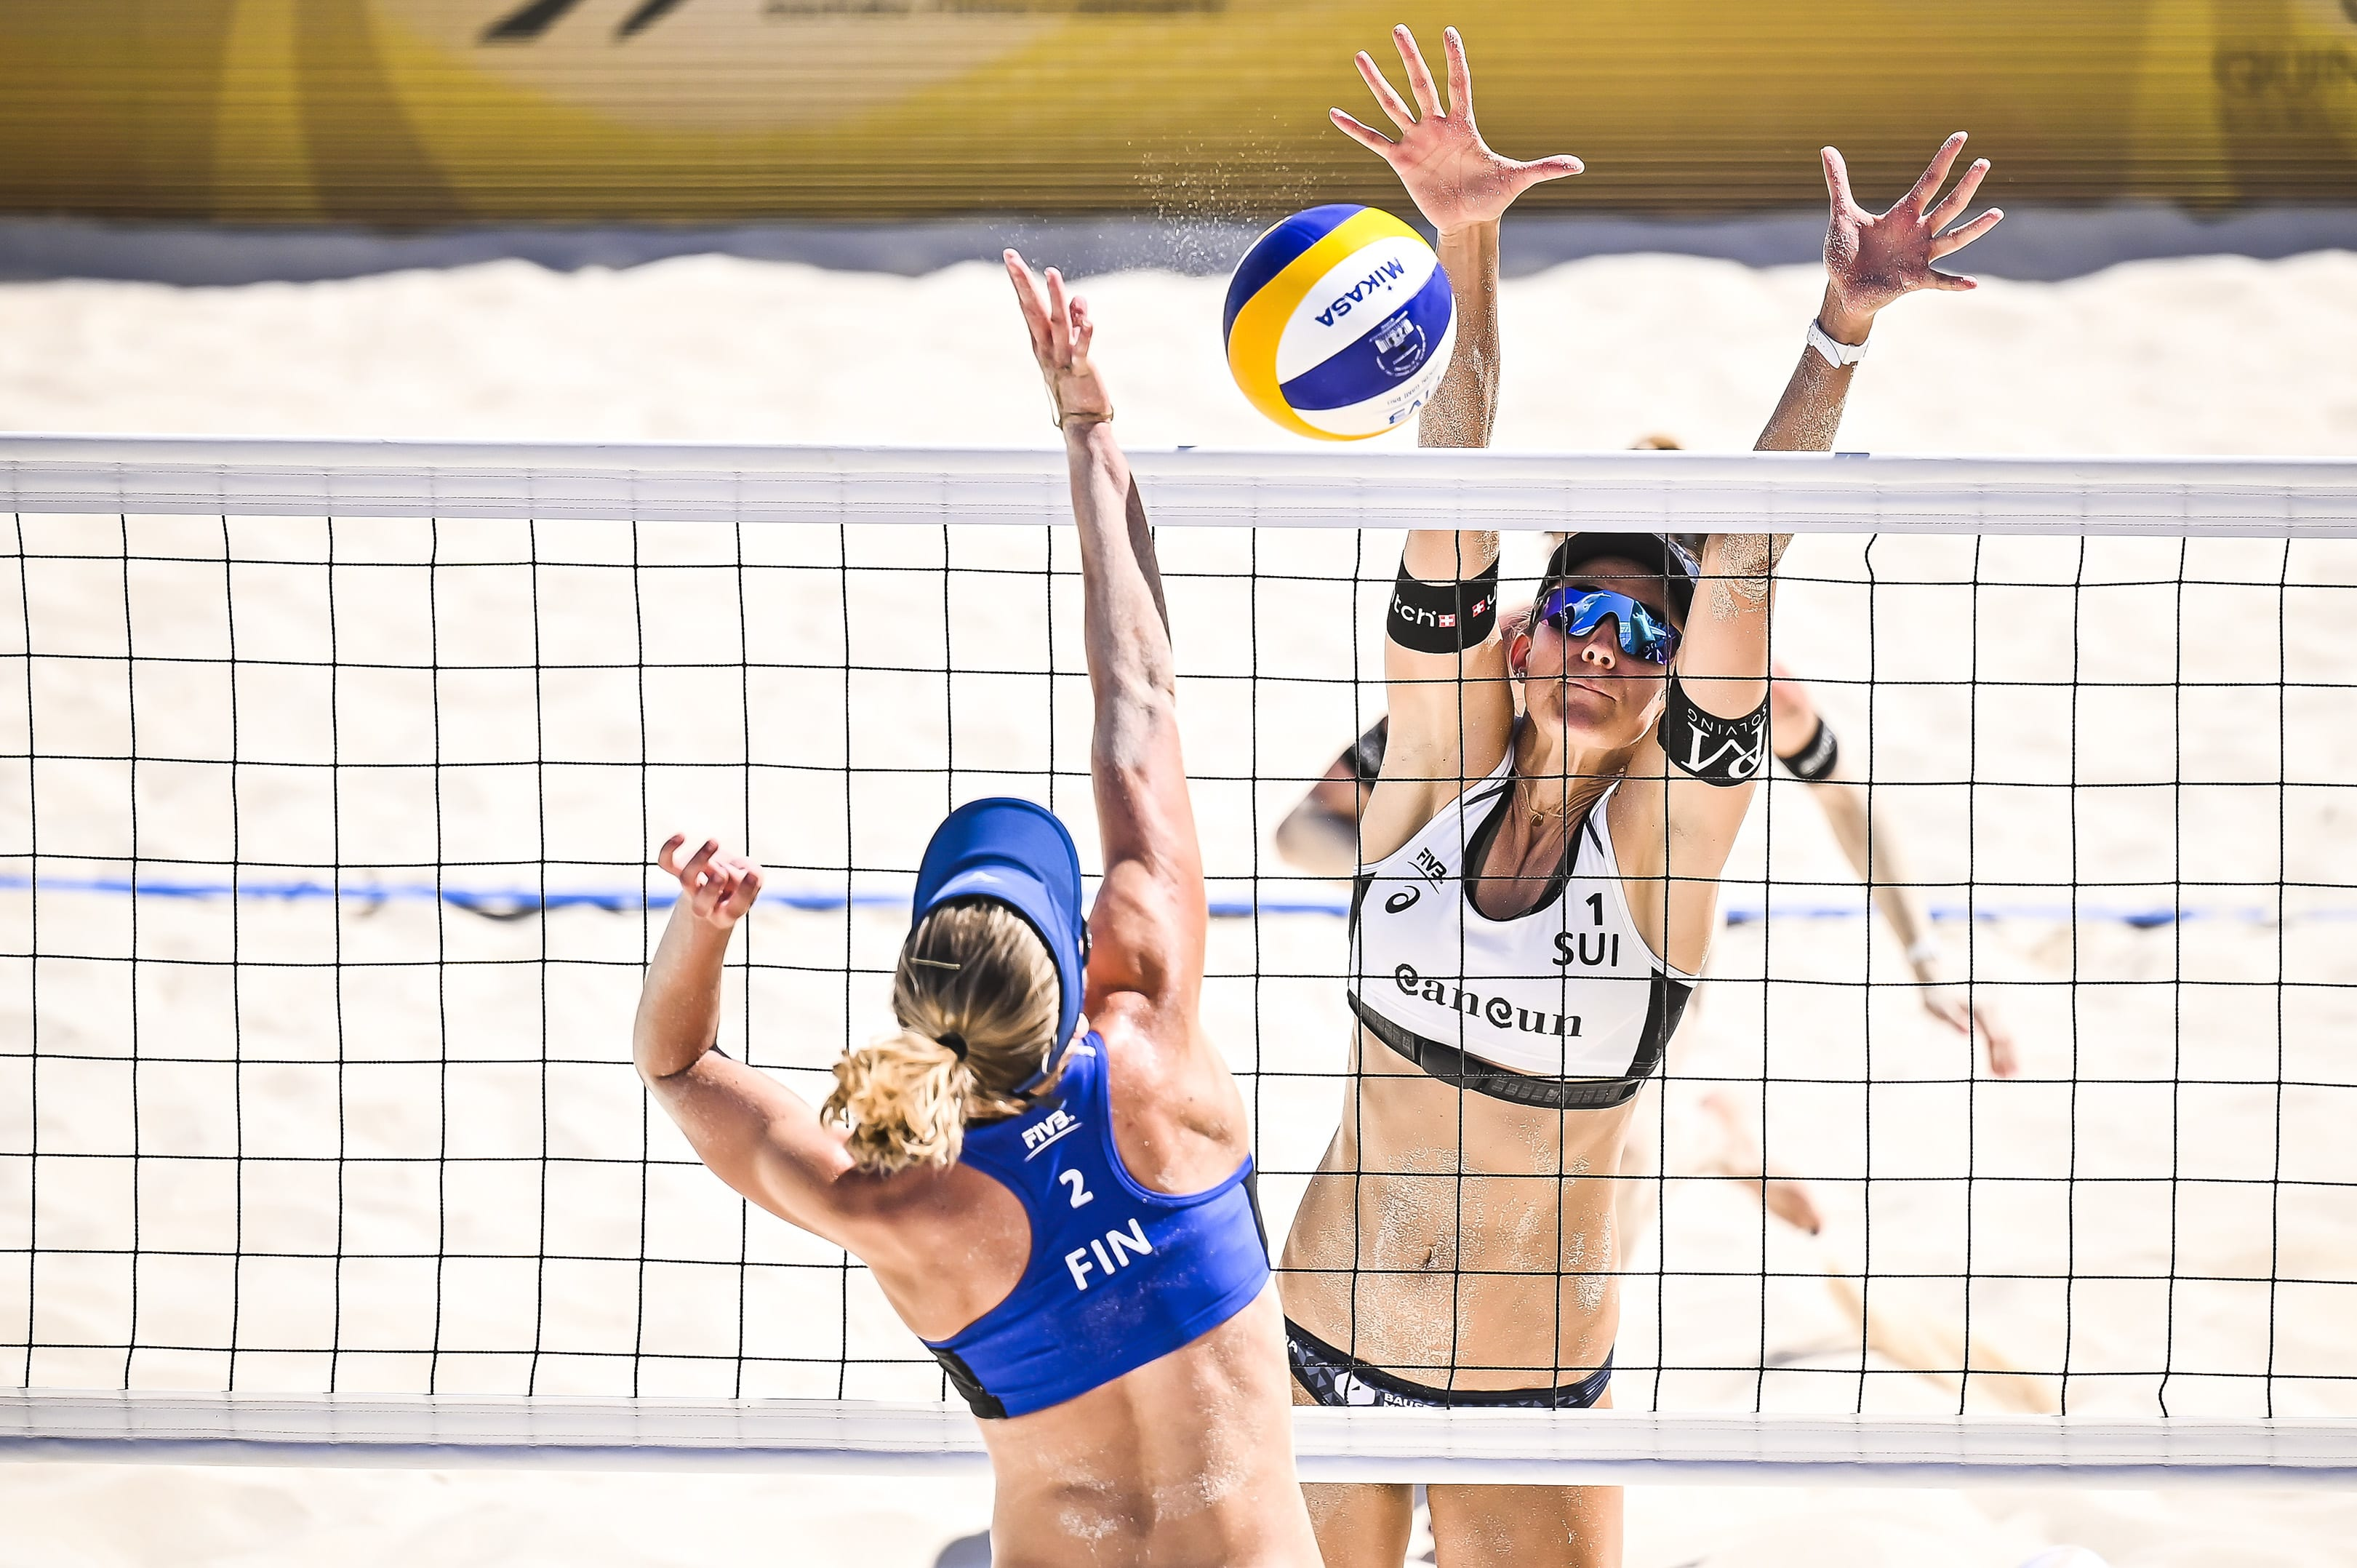 Niina Ahtiainen pelaamassa sveitsiläisparia vastaan beach volleyn maailmankiertueen turnauksessa Cancunissa Meksikossa.